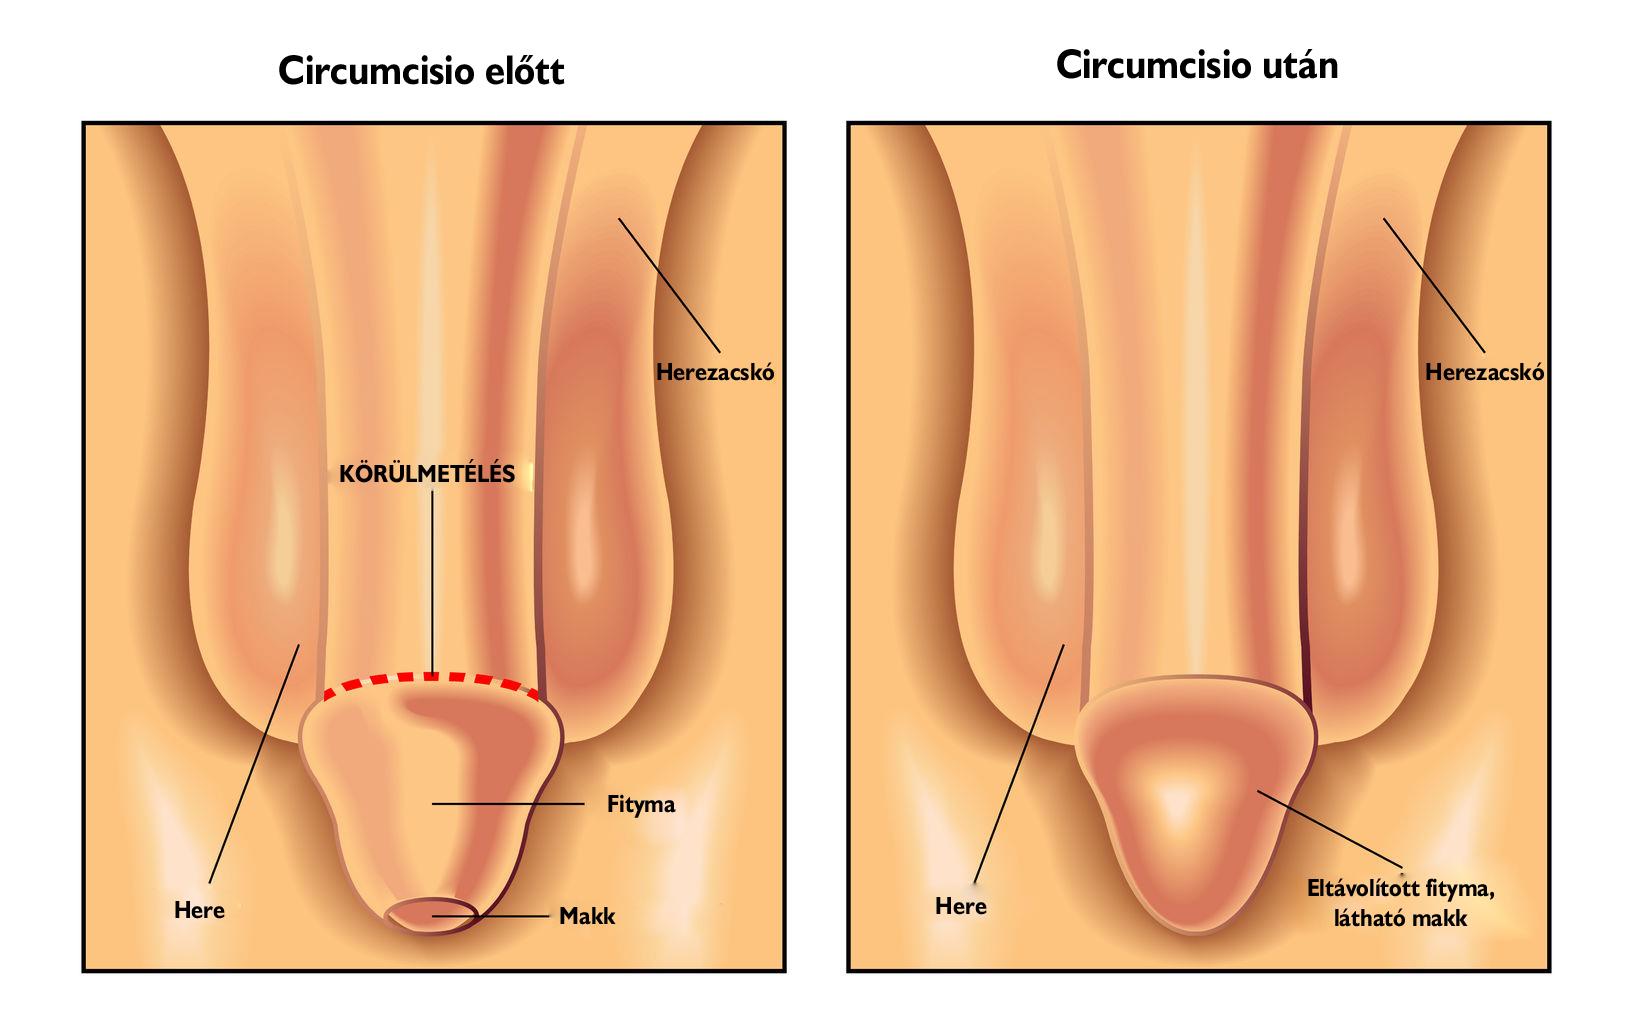 pénisz előtt és után